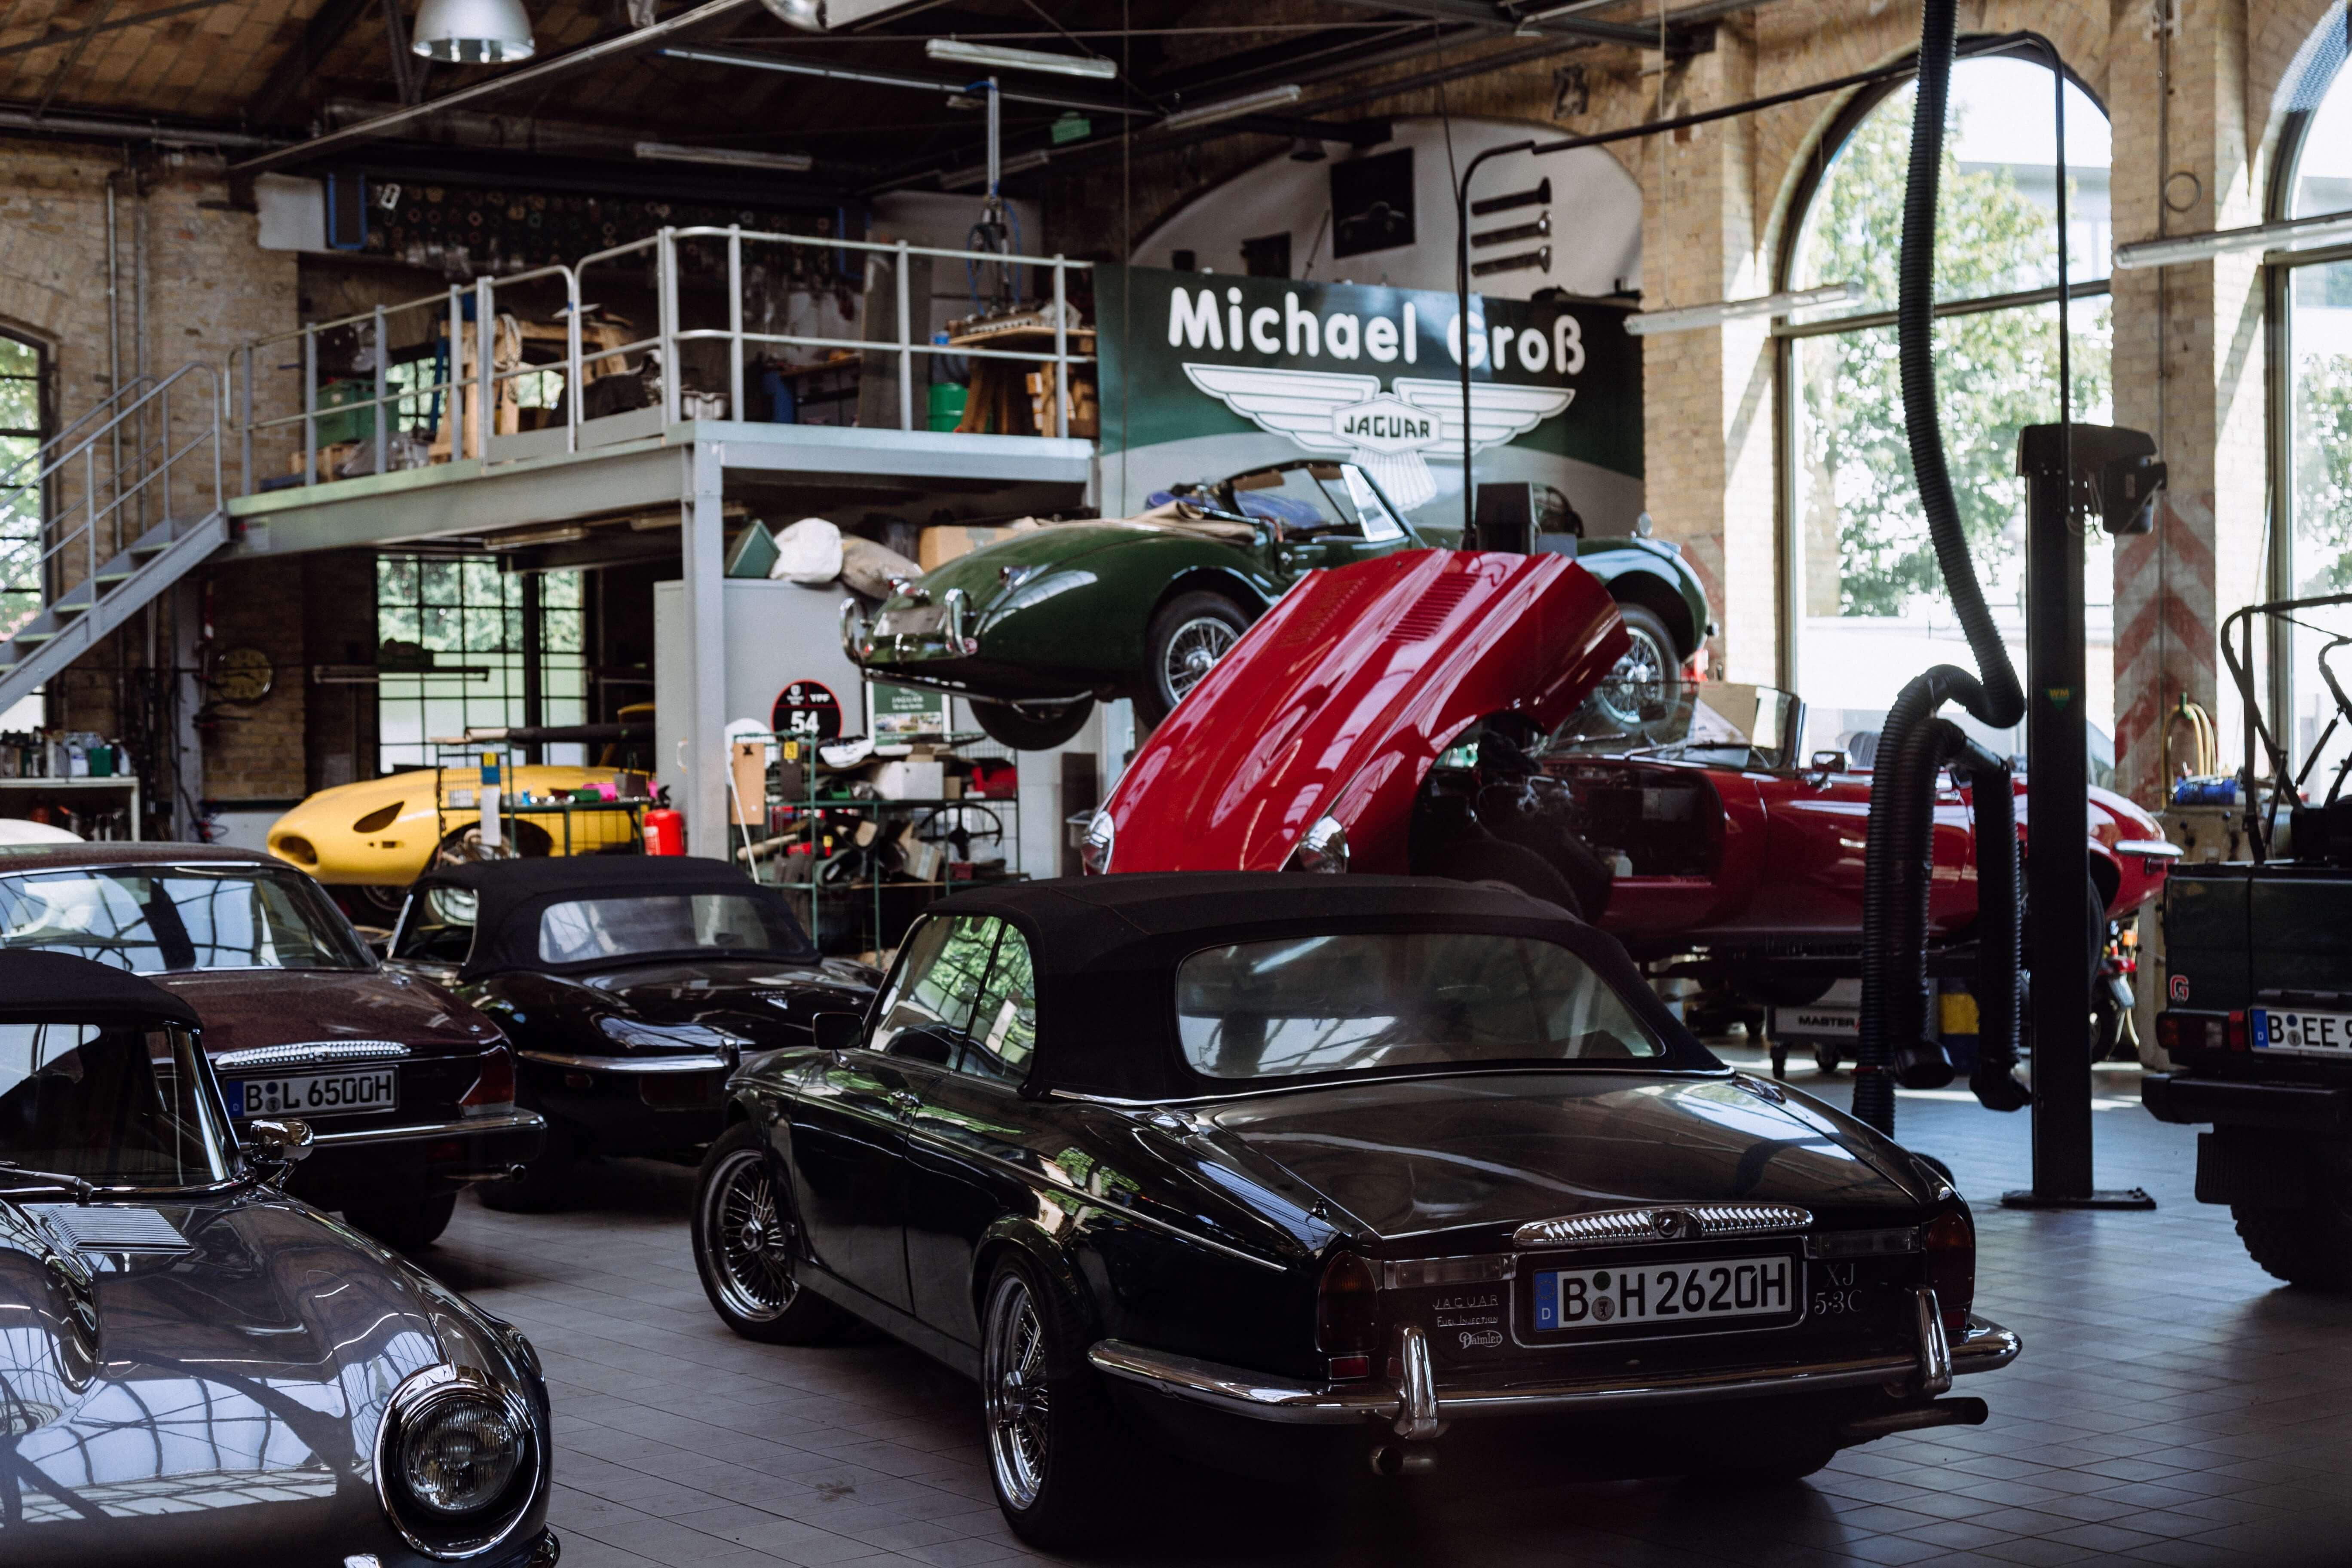 Vários carros em uma loja mecânica, onde é possível saber o preço de bateria de carro